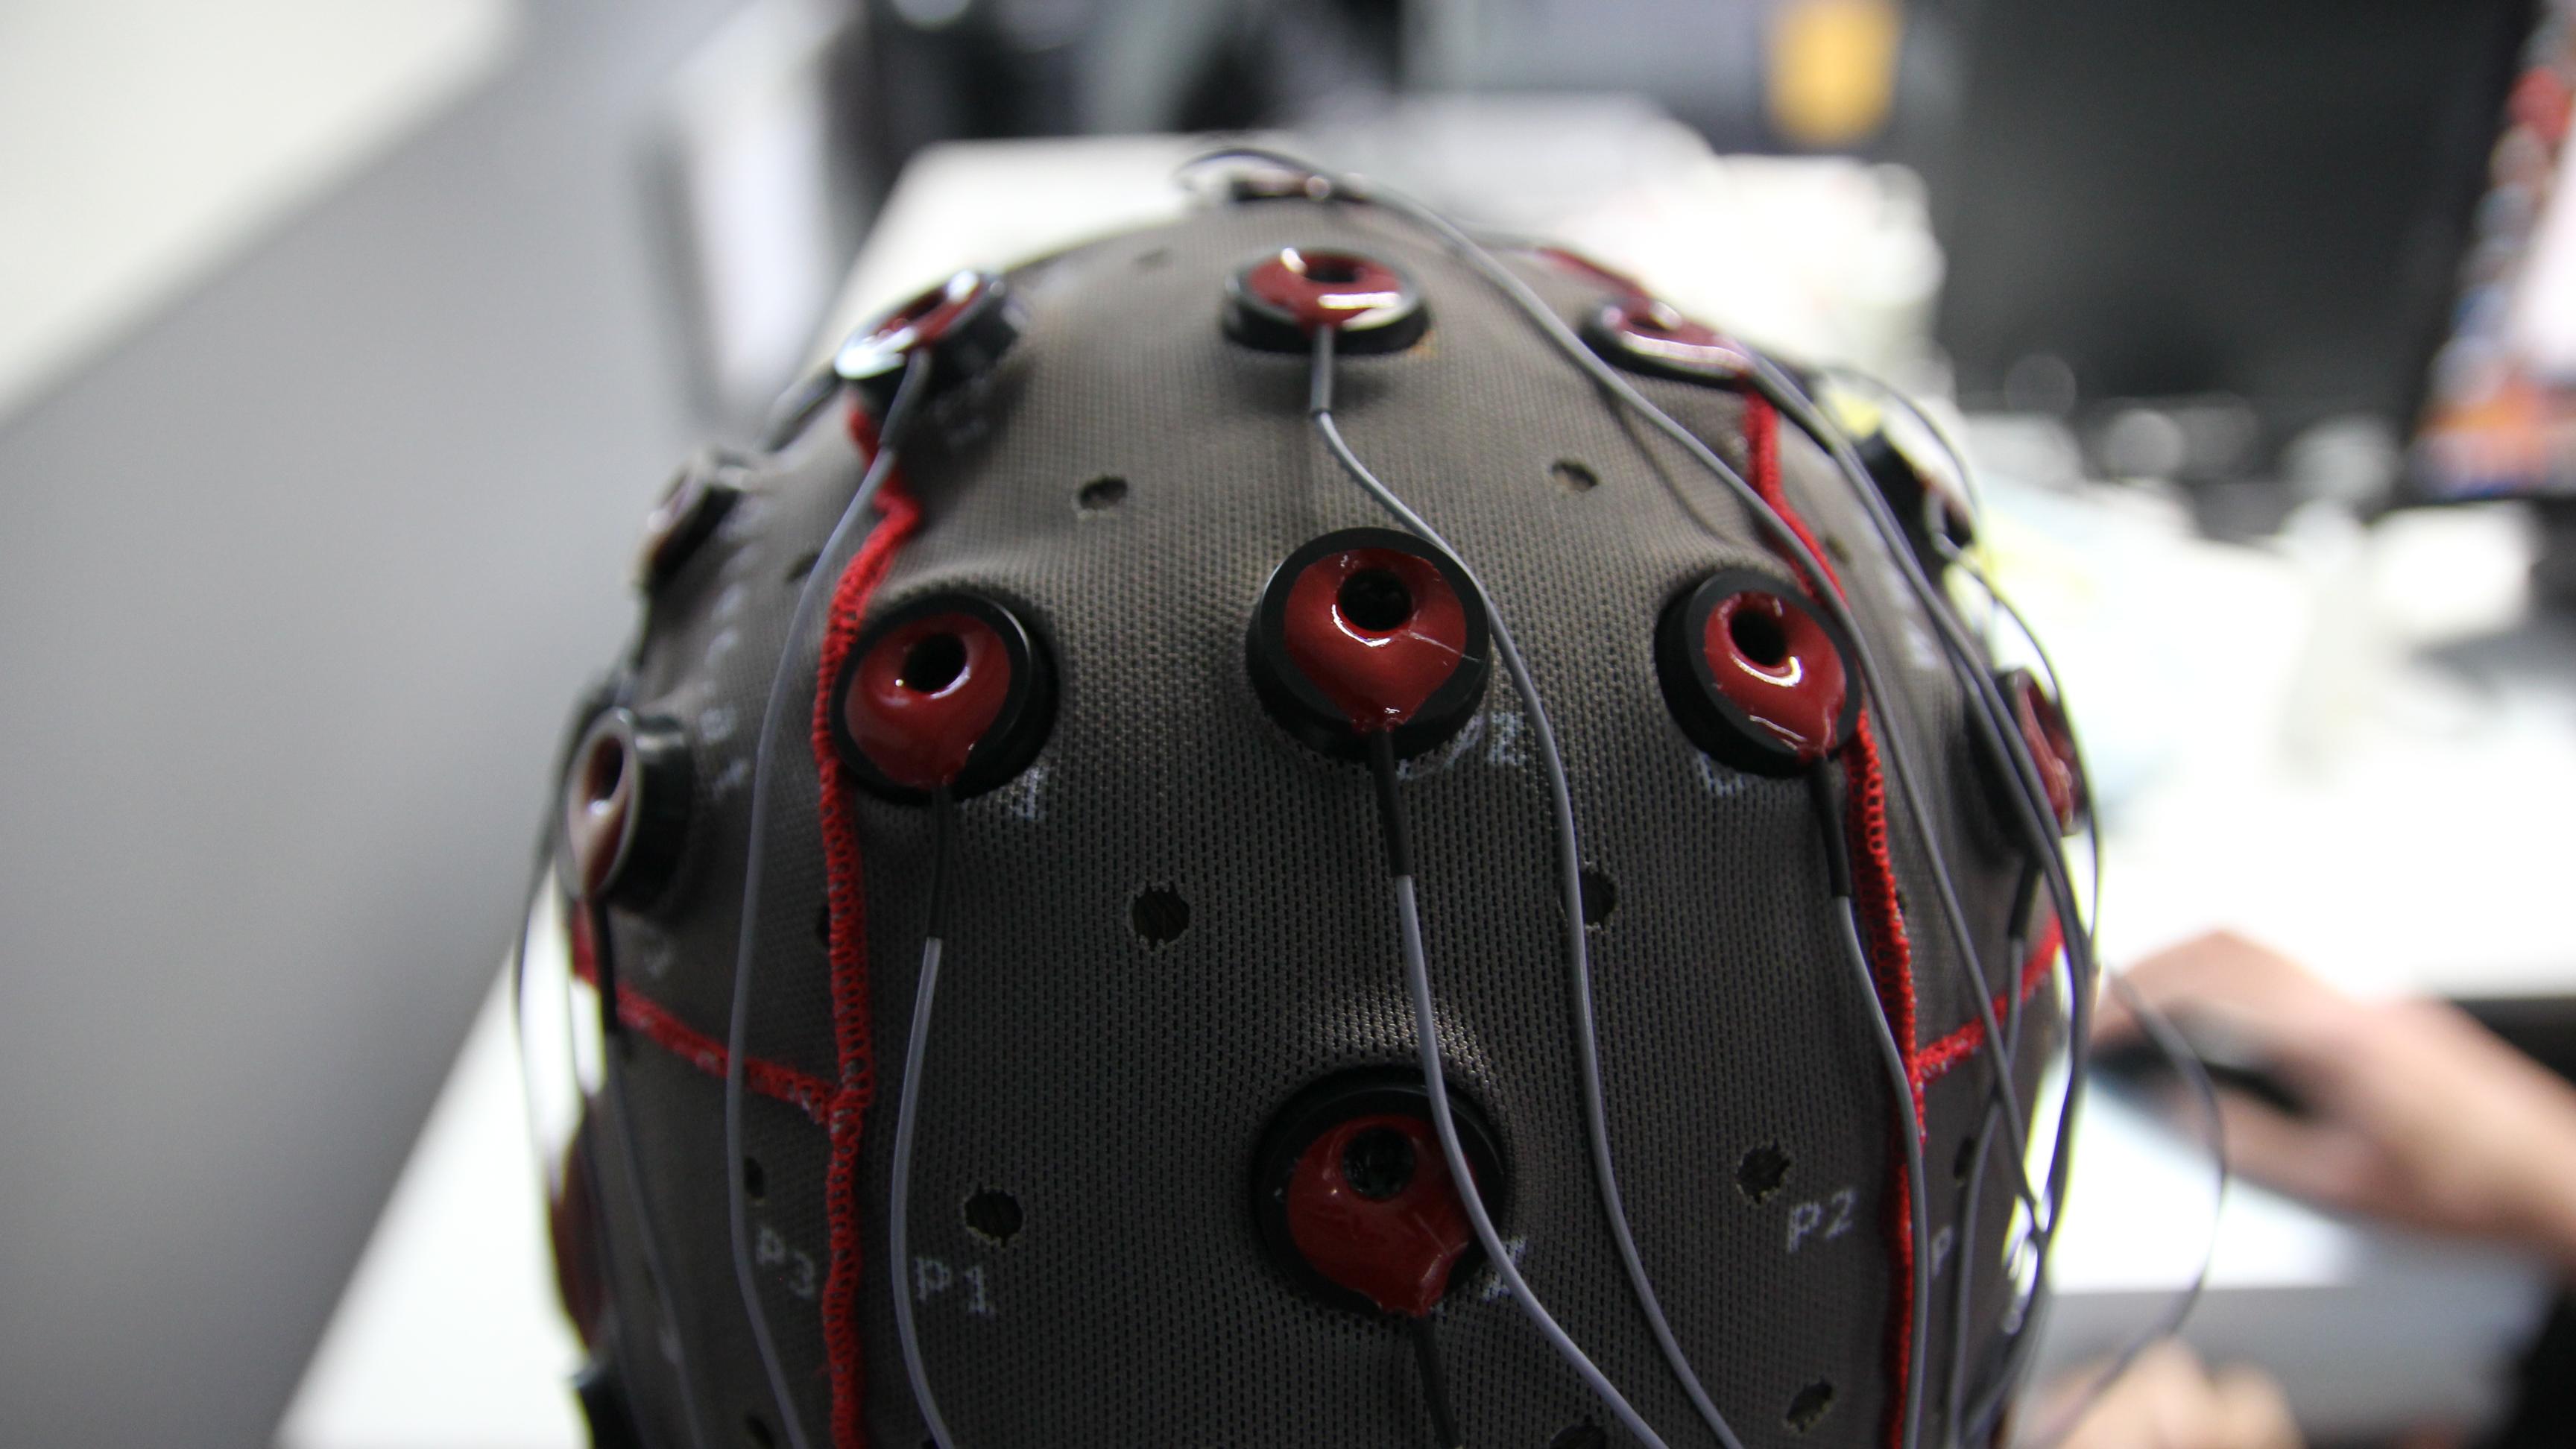 EEG- equipamento